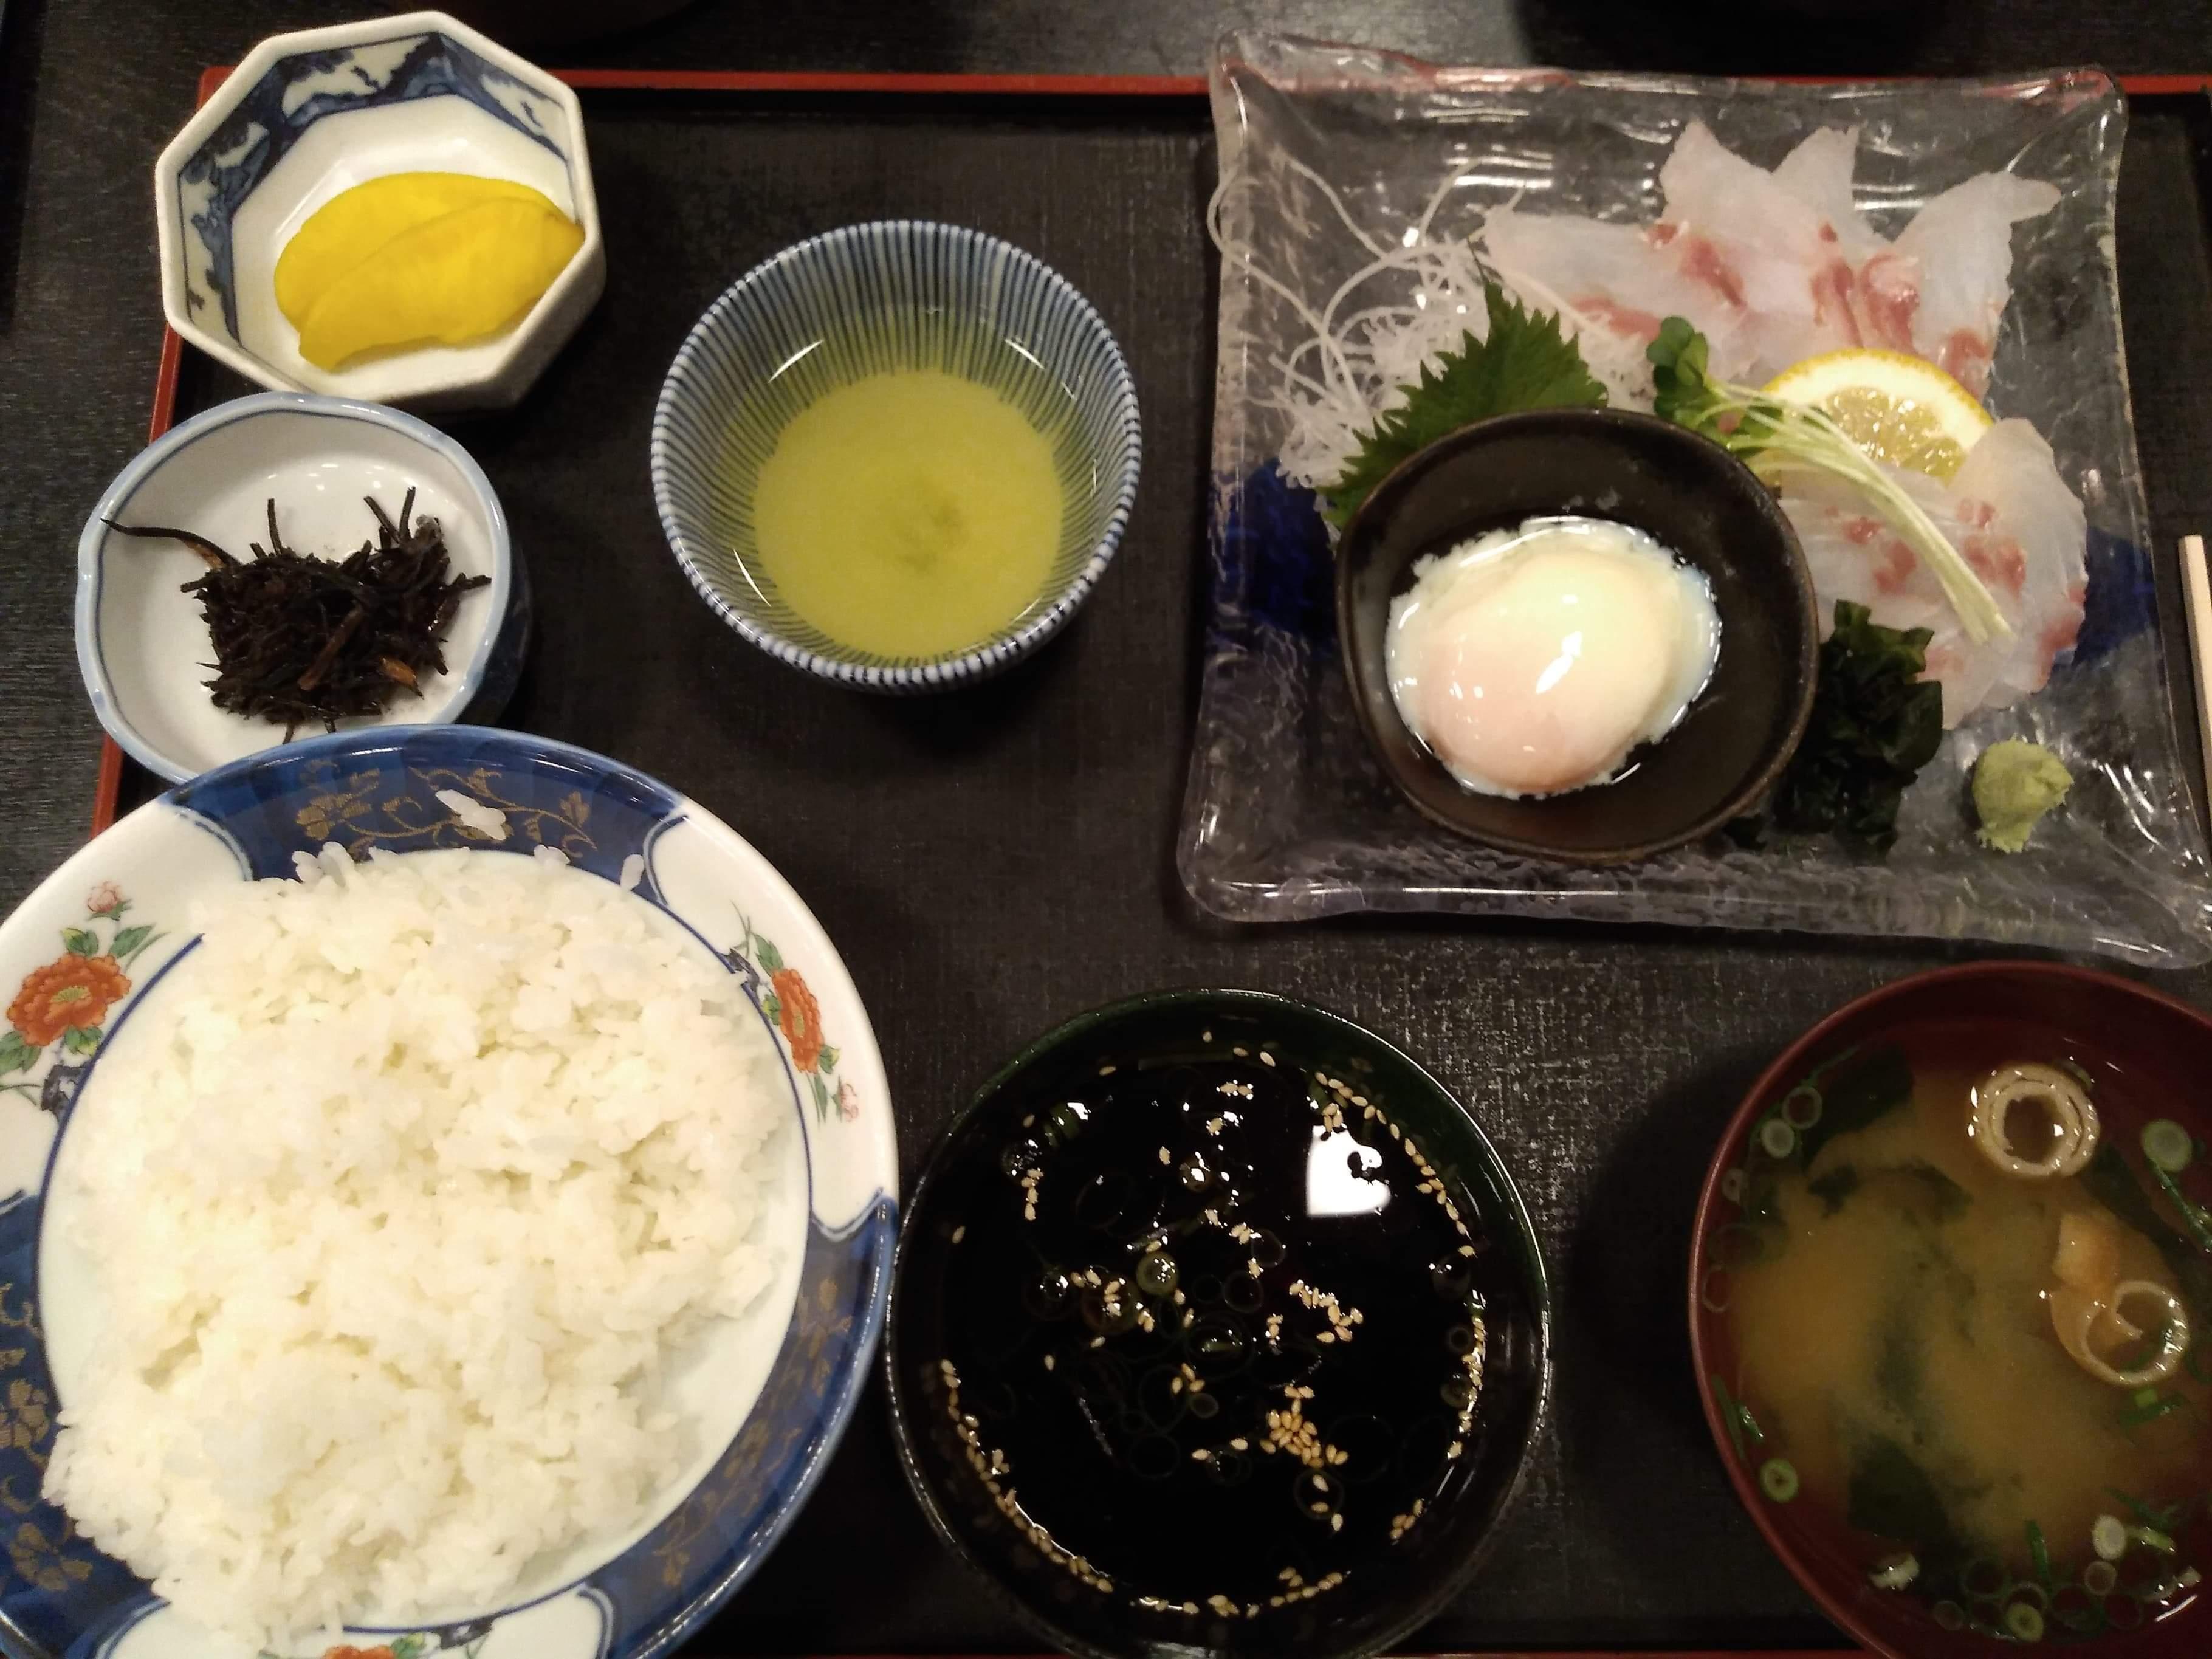 伊方町「亀ヶ池温泉」内にあるよ!「ふるさとレストラン」の郷土料理「日向飯」を食べてきました!